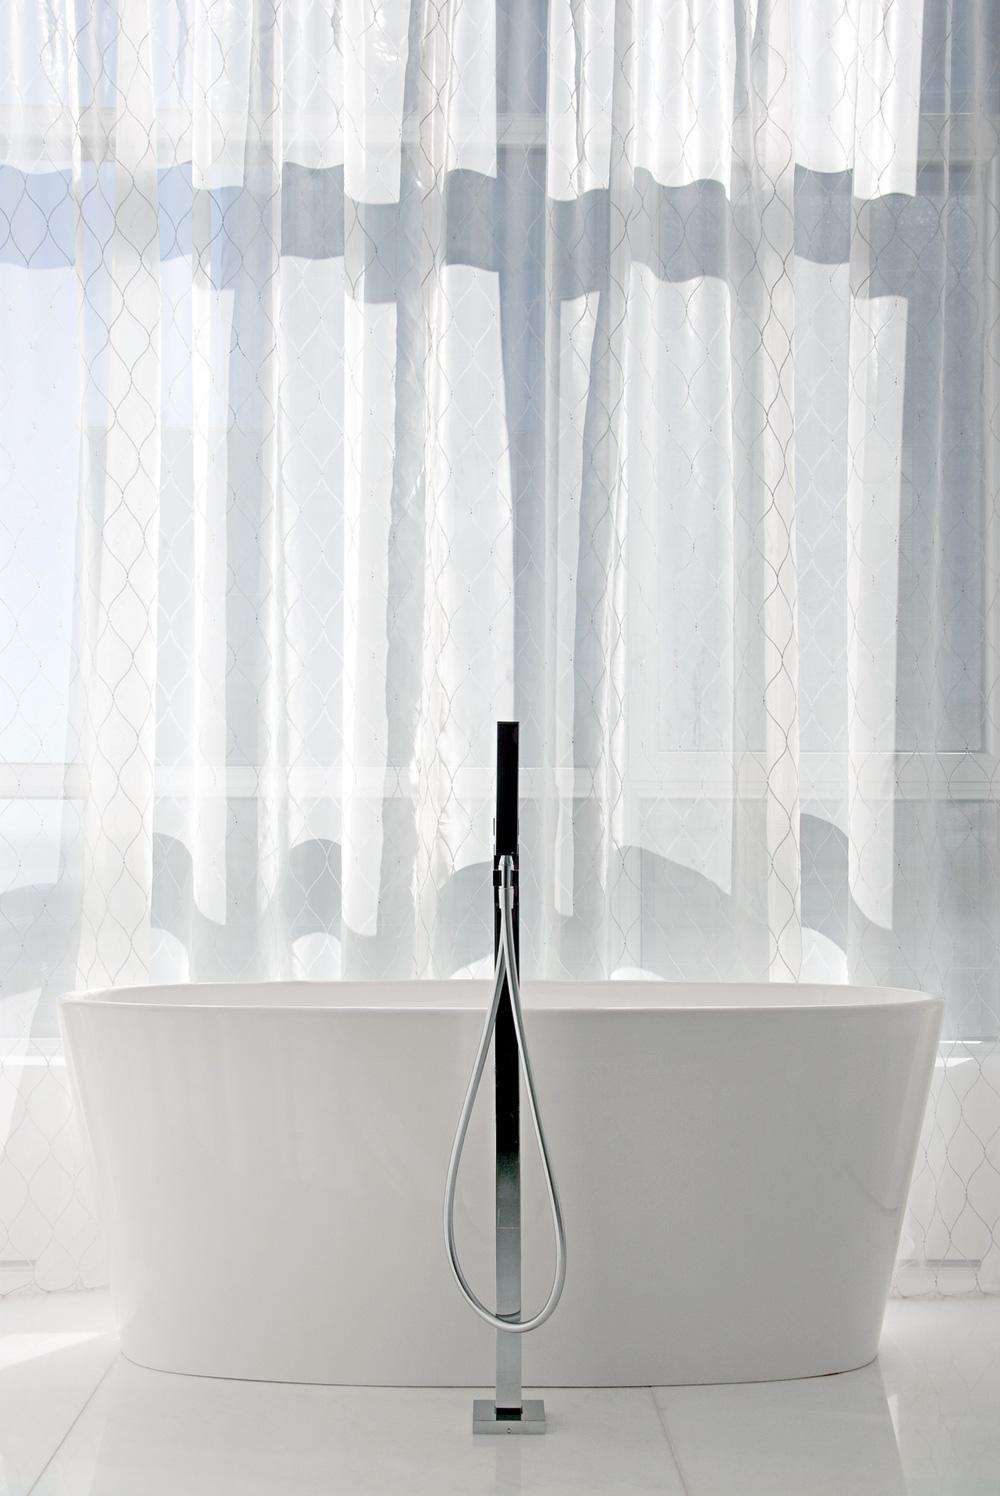 Une baignoire autoportante et sa robinetterie sur pied (Batimat) ont un air théâtral devant un immense rideau pour le rituel du bain.